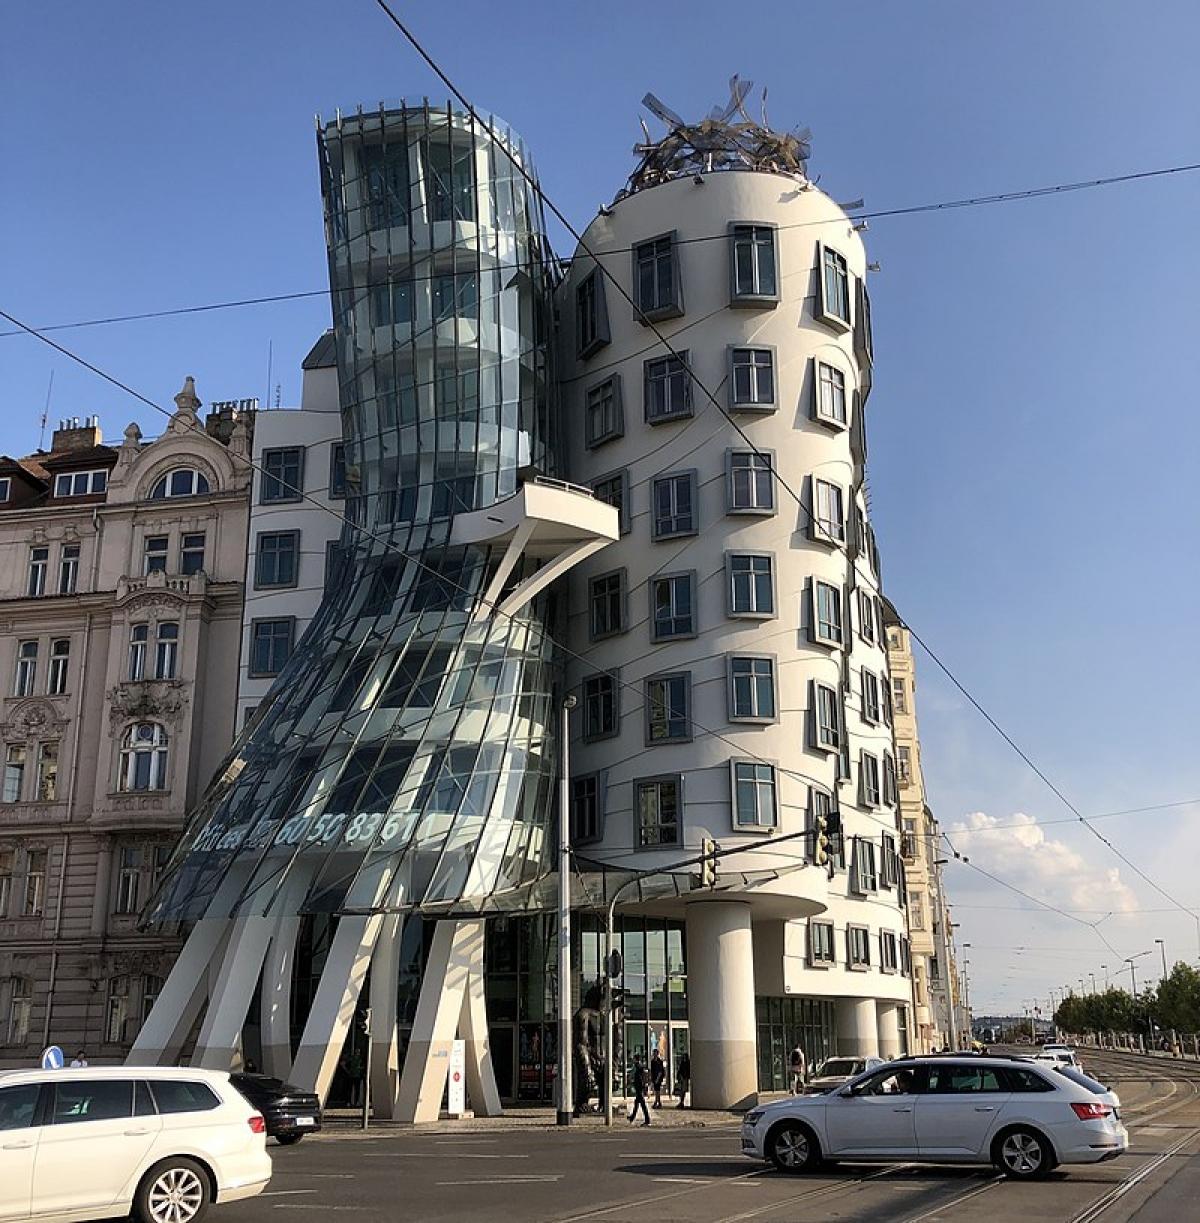 Tòa nhà ở Prague, Cộng hòa Séc, được gọi là Dancing House.